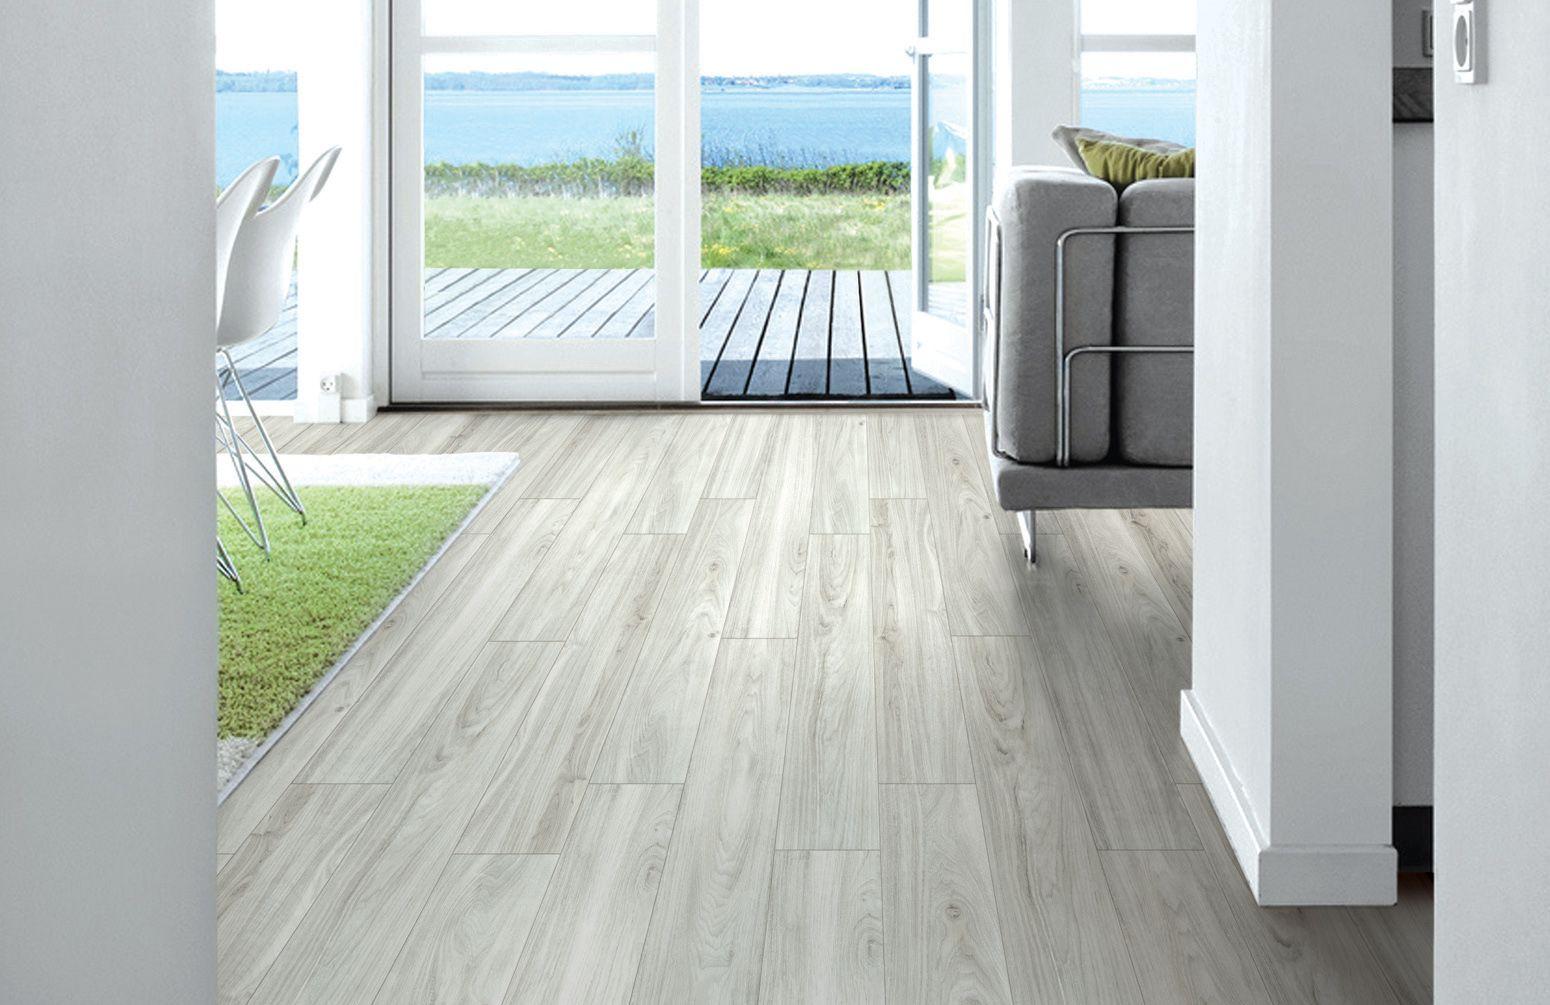 Decoria Easy To Lay Luxury Vinyl Plank Flooring Vinyl Plank